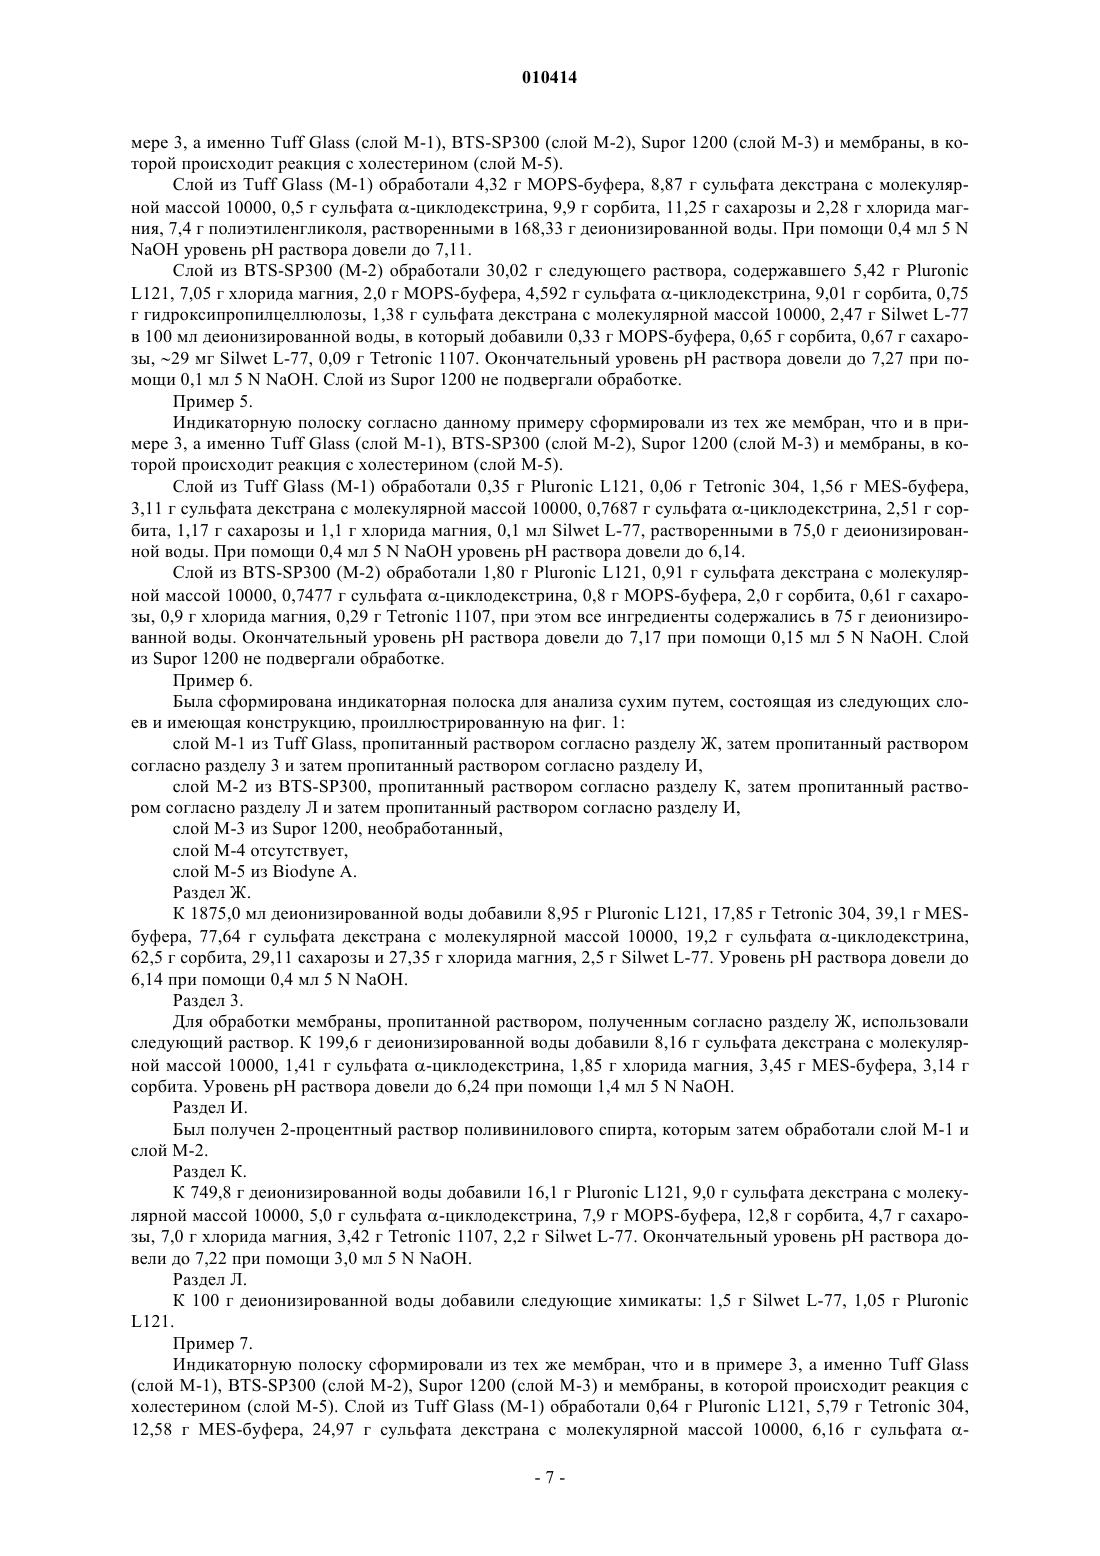 Липопротеин низкой плотности